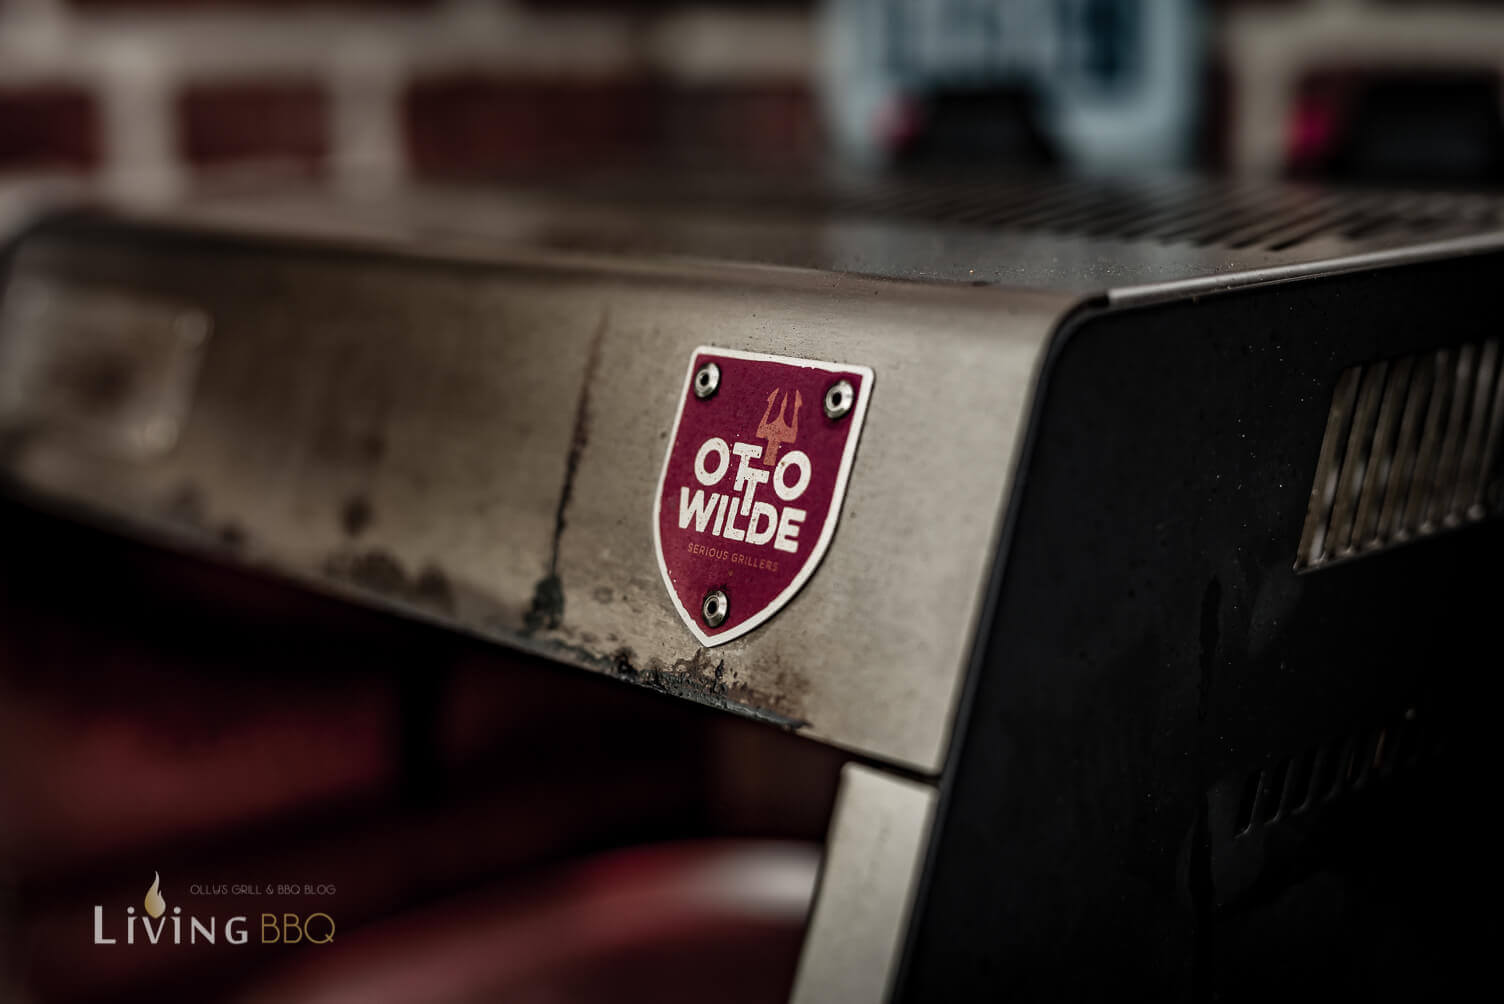 Oberhitze Grill Otto Wilde